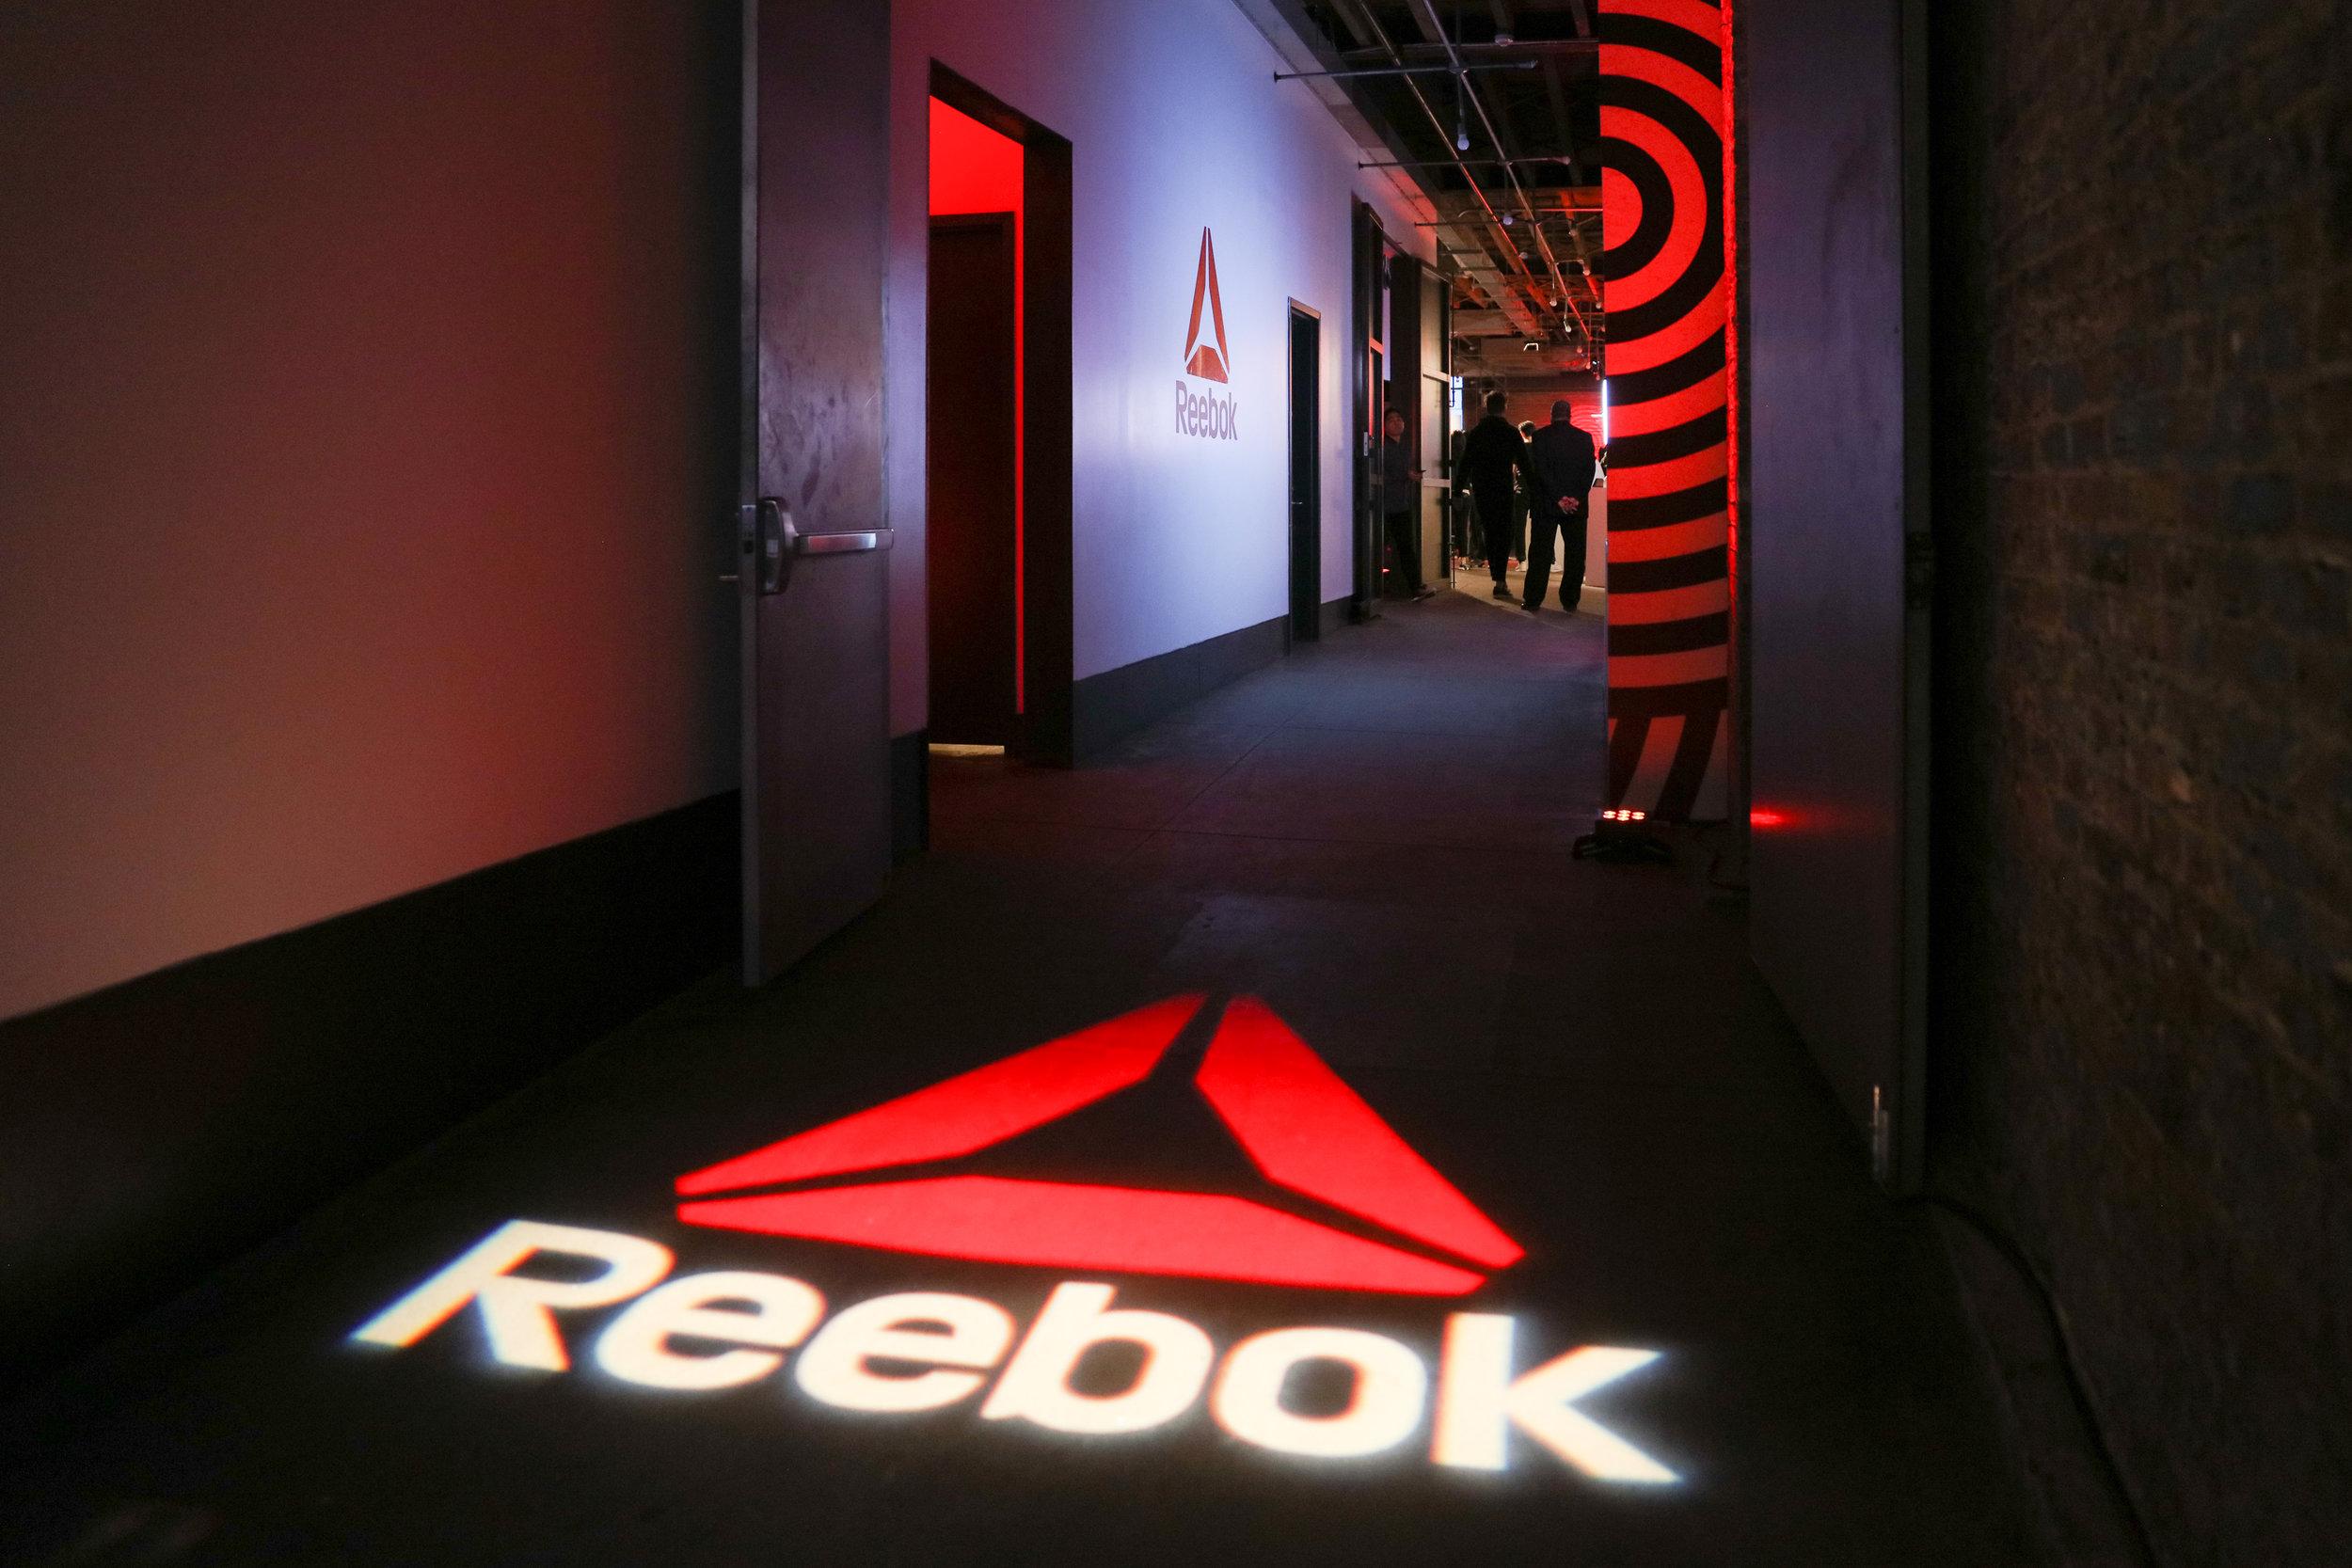 Reebok_2.jpg